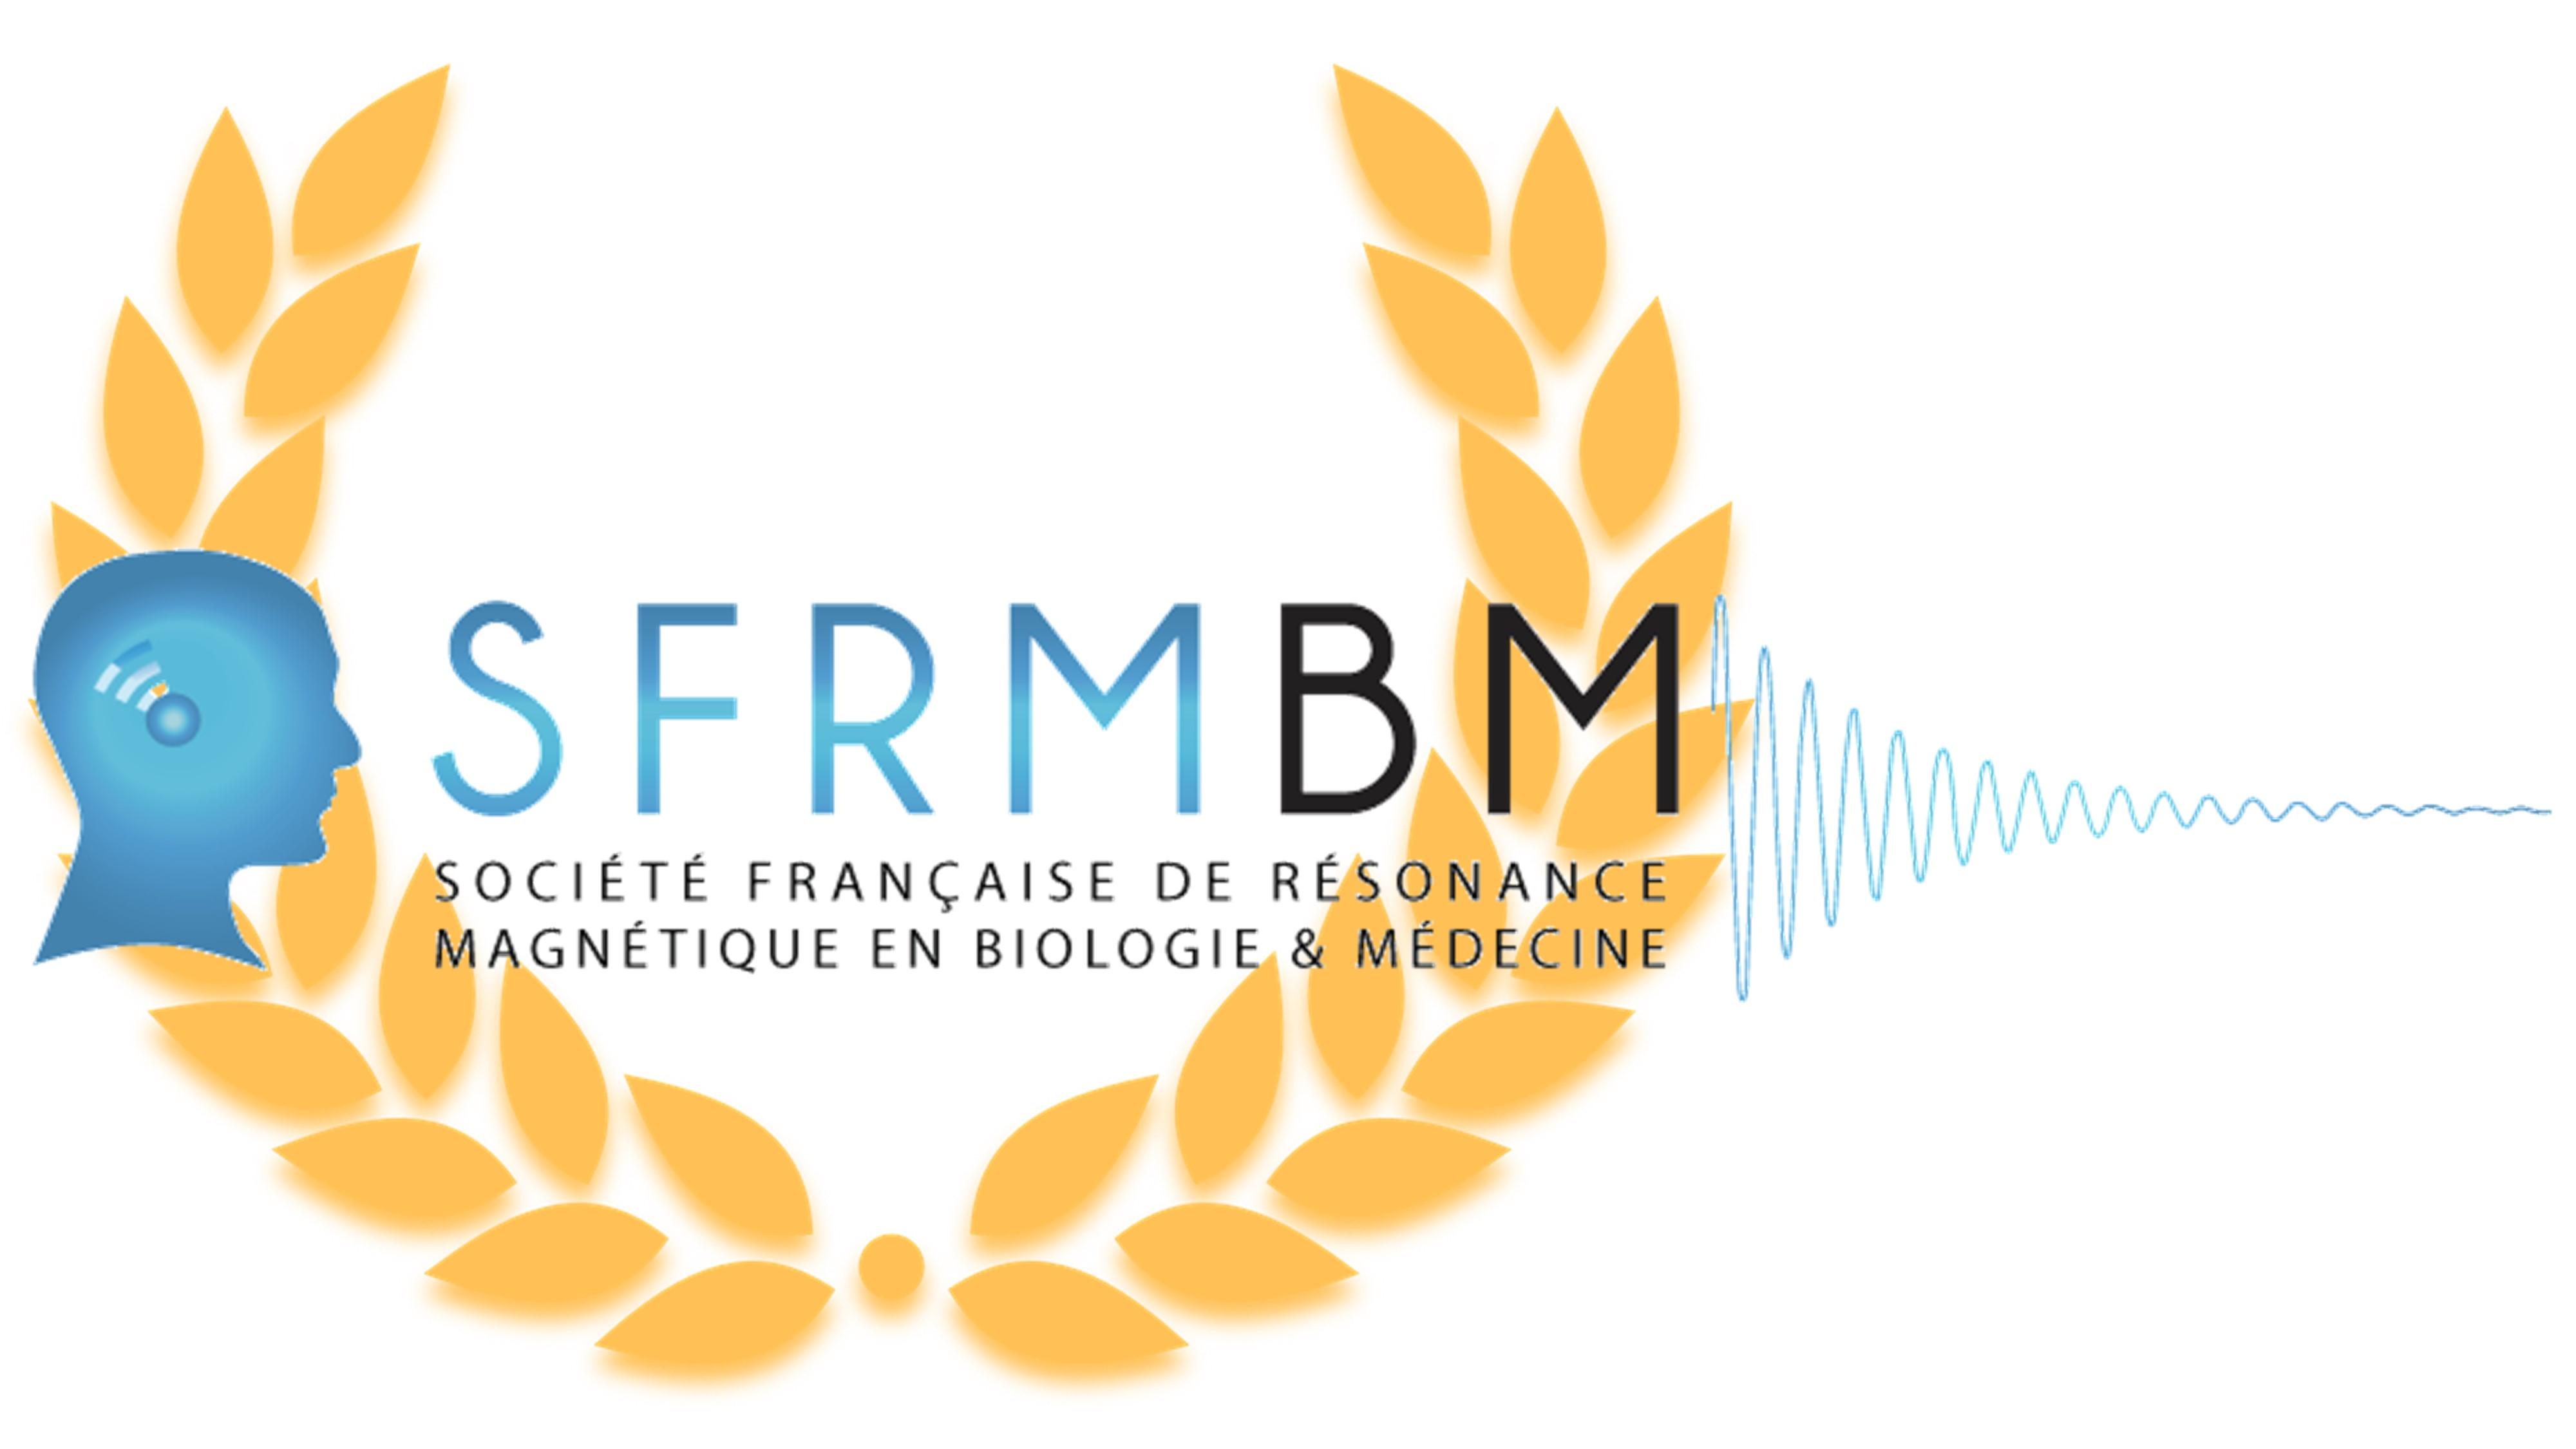 Prix de thèse SFRMBM 2018